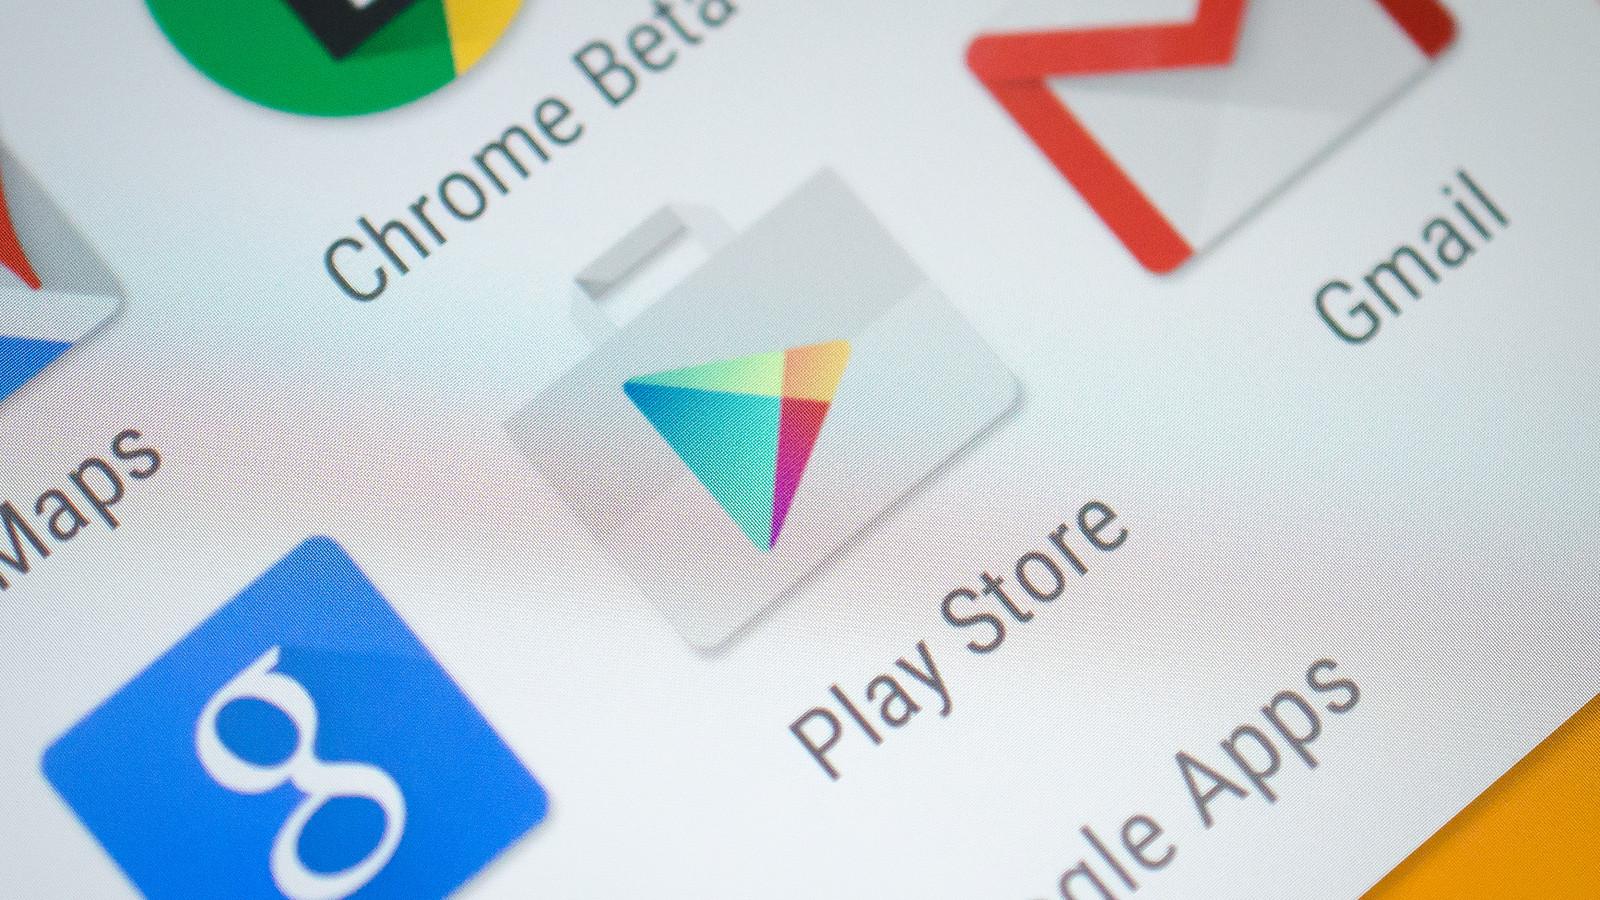 Azərbaycanlı istifadəçilər artıq ödənişli android tətbiqlər yayımlaya biləcək.